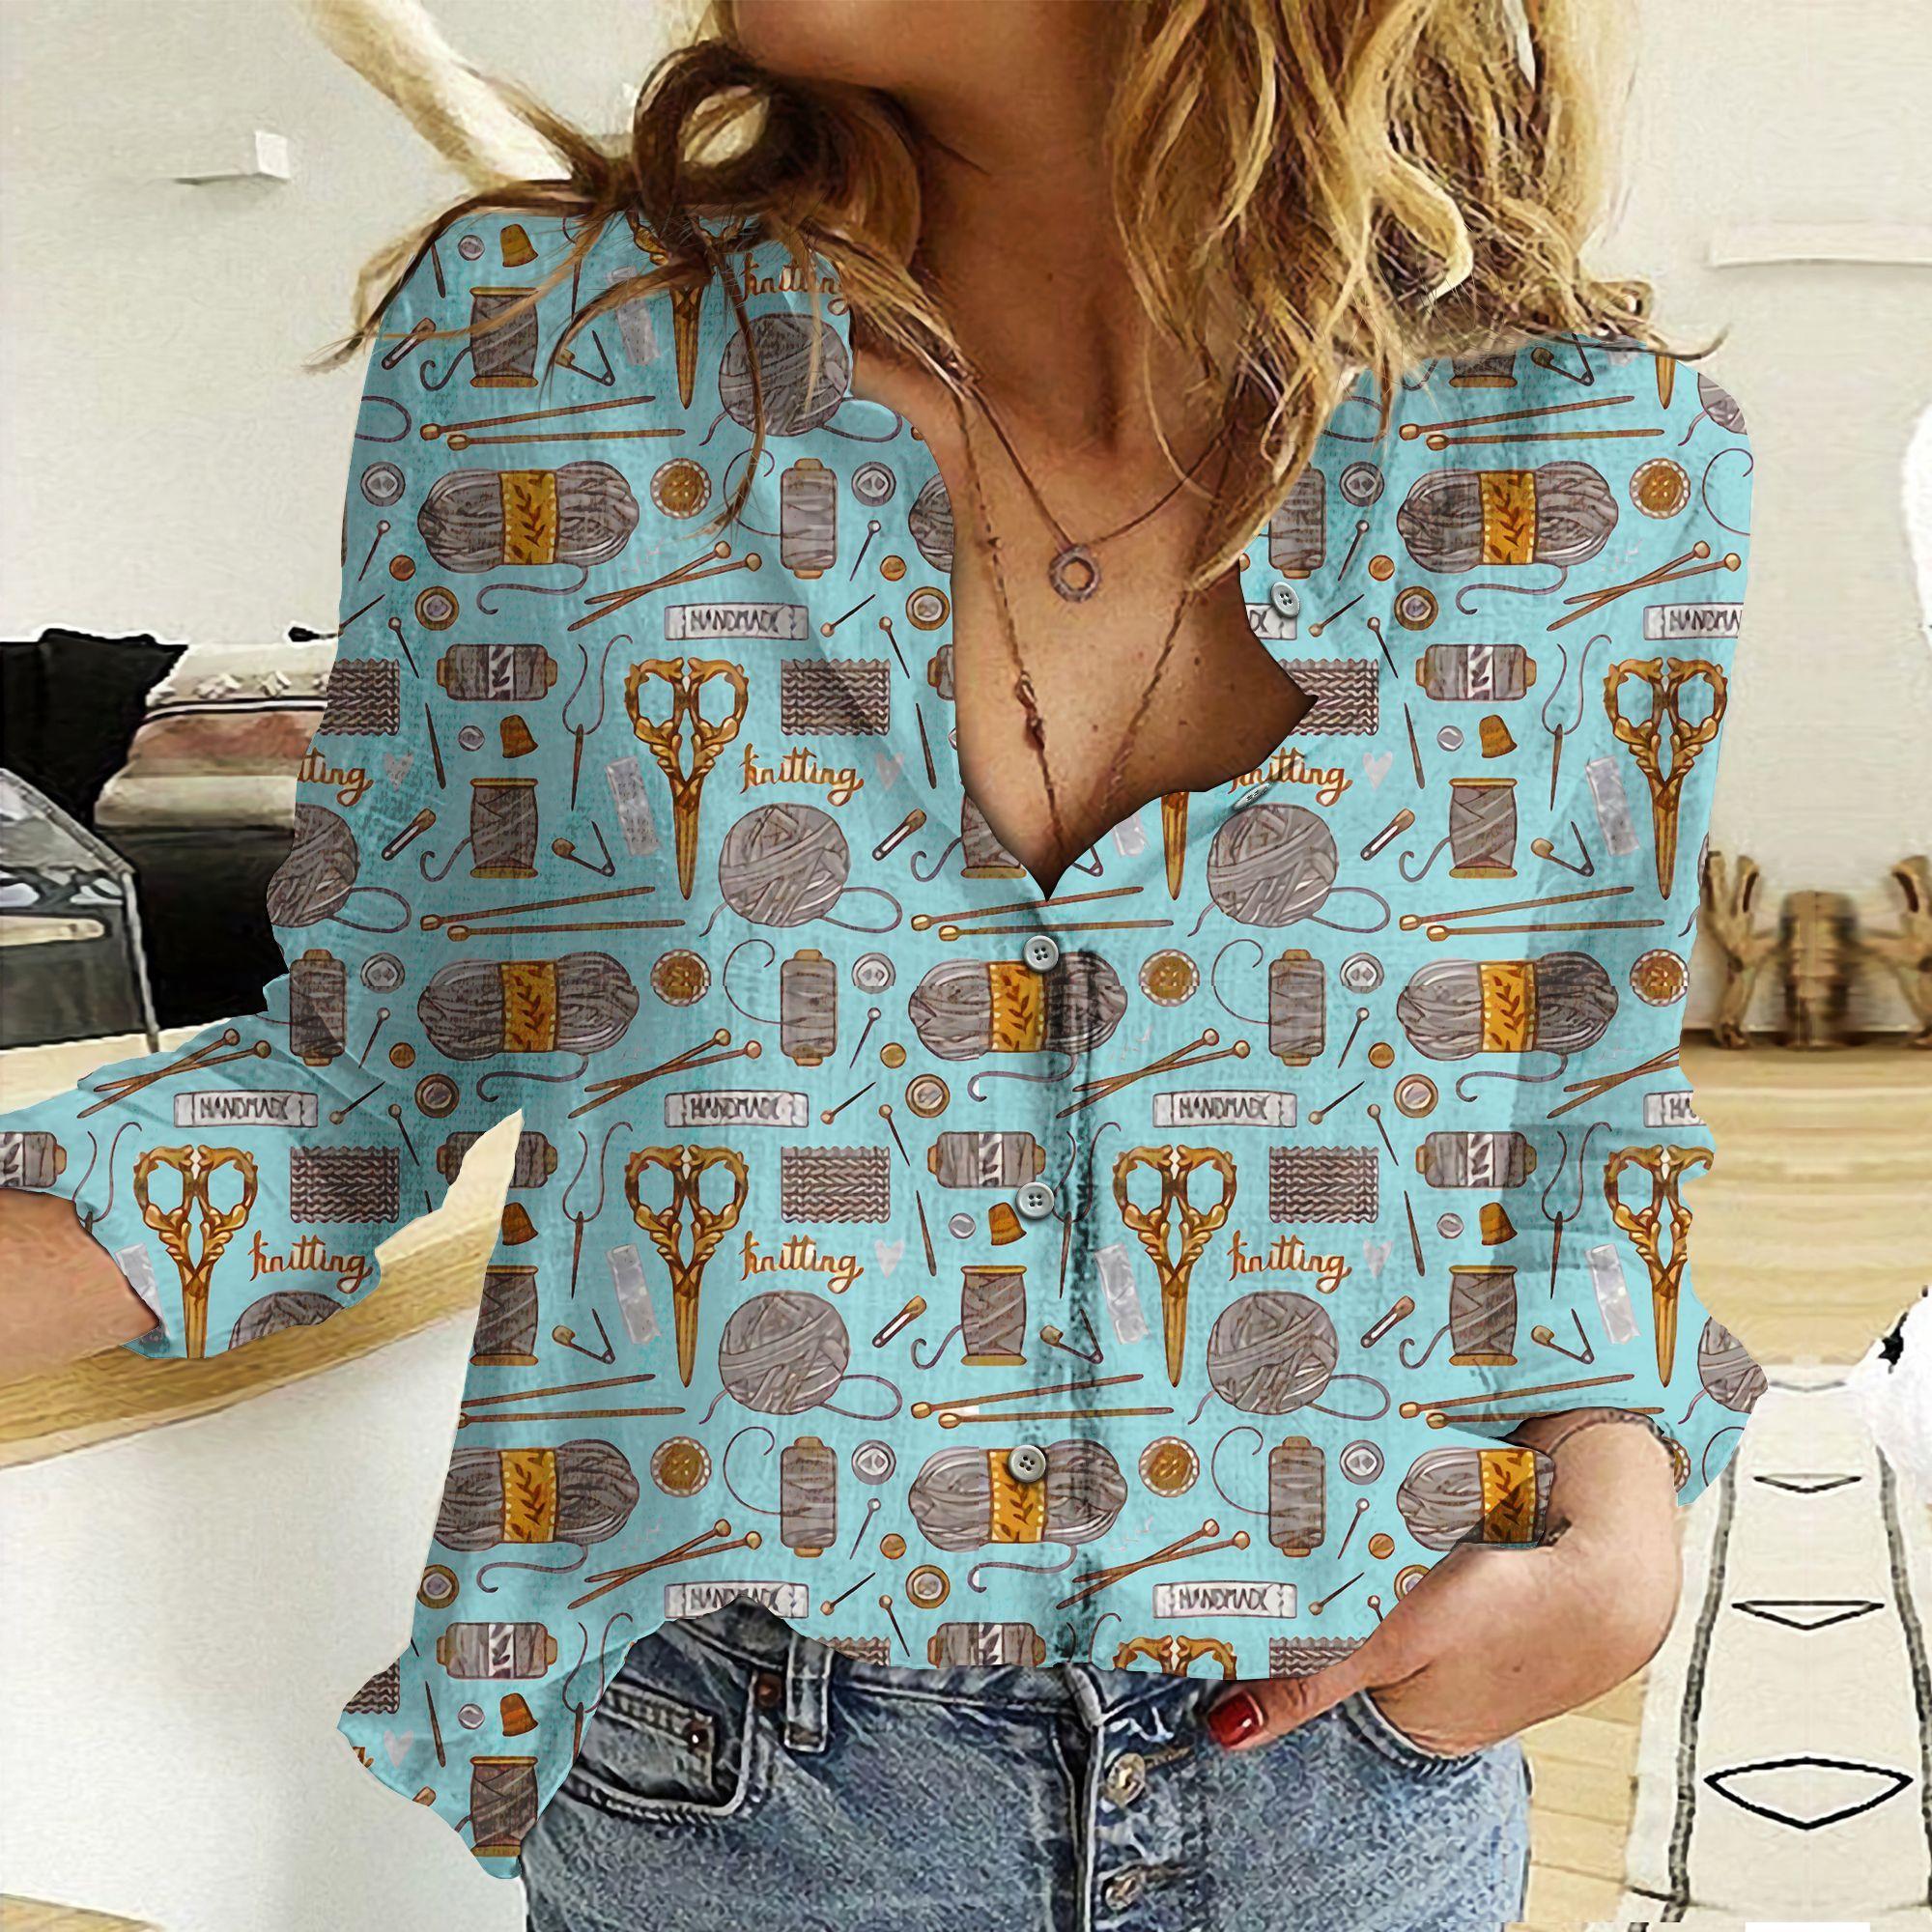 قميص نسائي بأكمام طويلة من الشيفون والصوف ، قميص مثير على شكل حرف V مع طباعة رقمية ثلاثية الأبعاد ، 2021